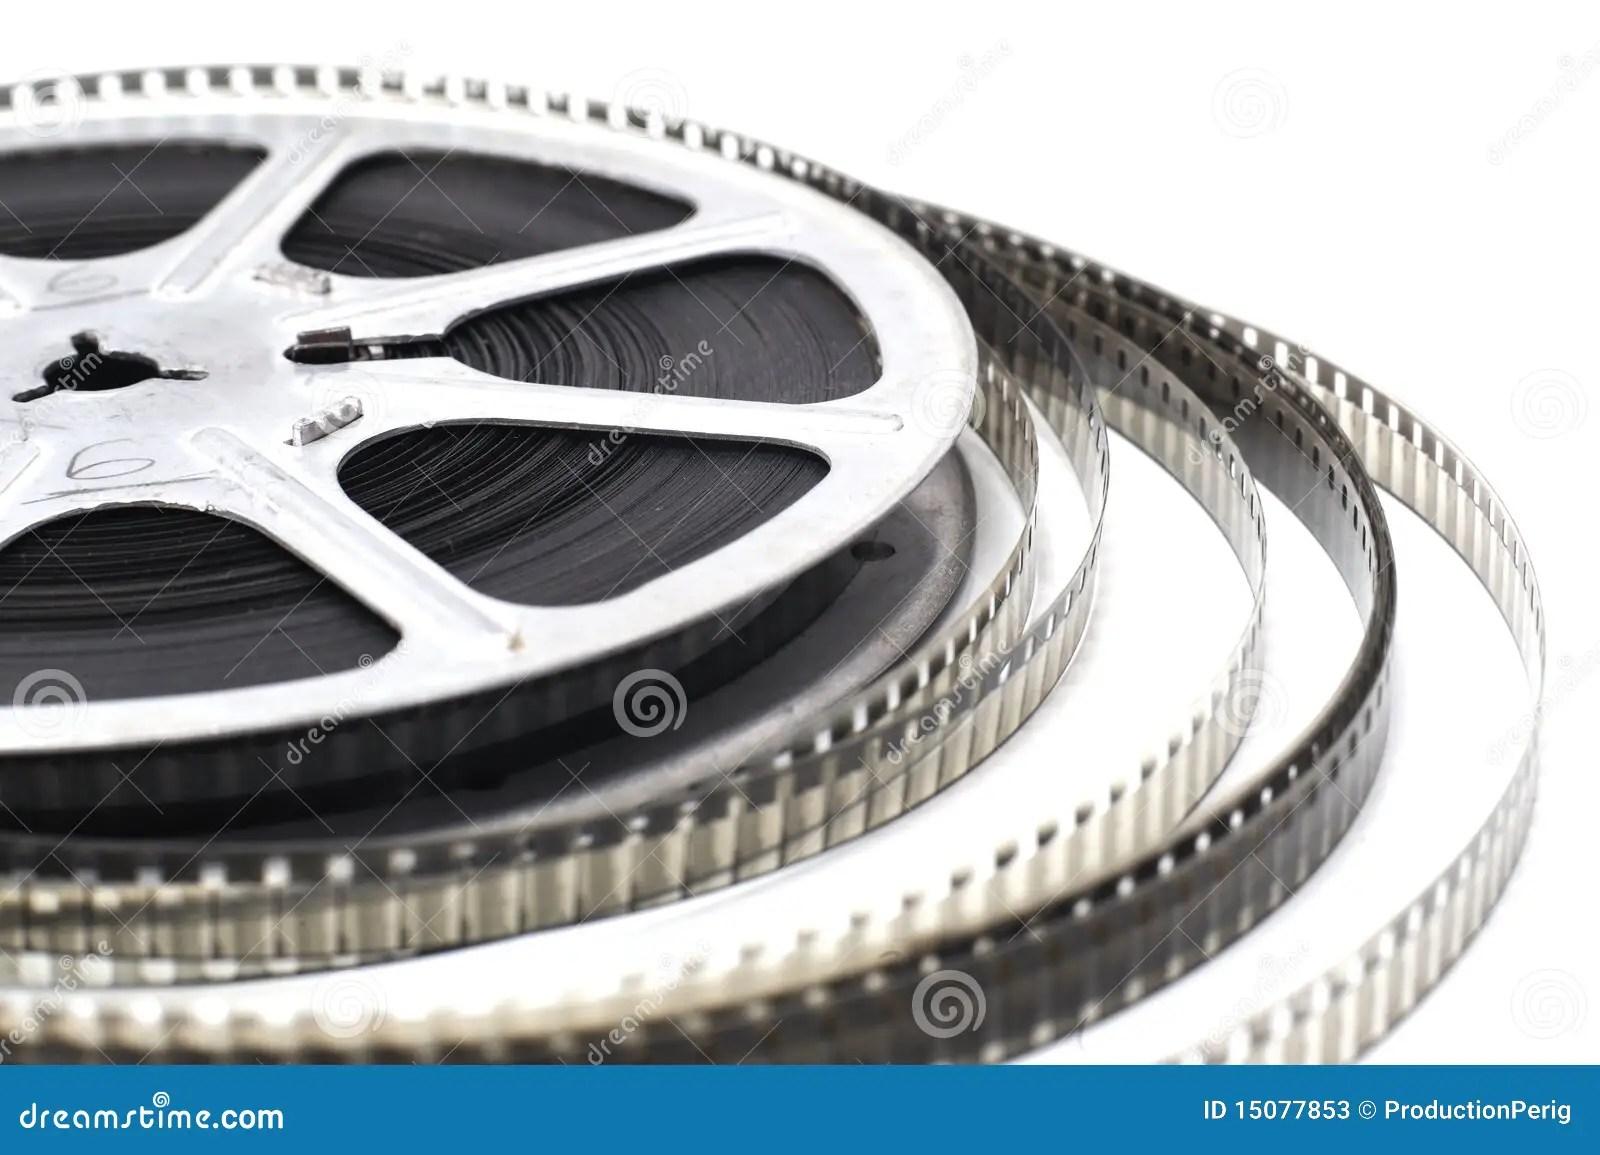 Pel·lícula de cinema